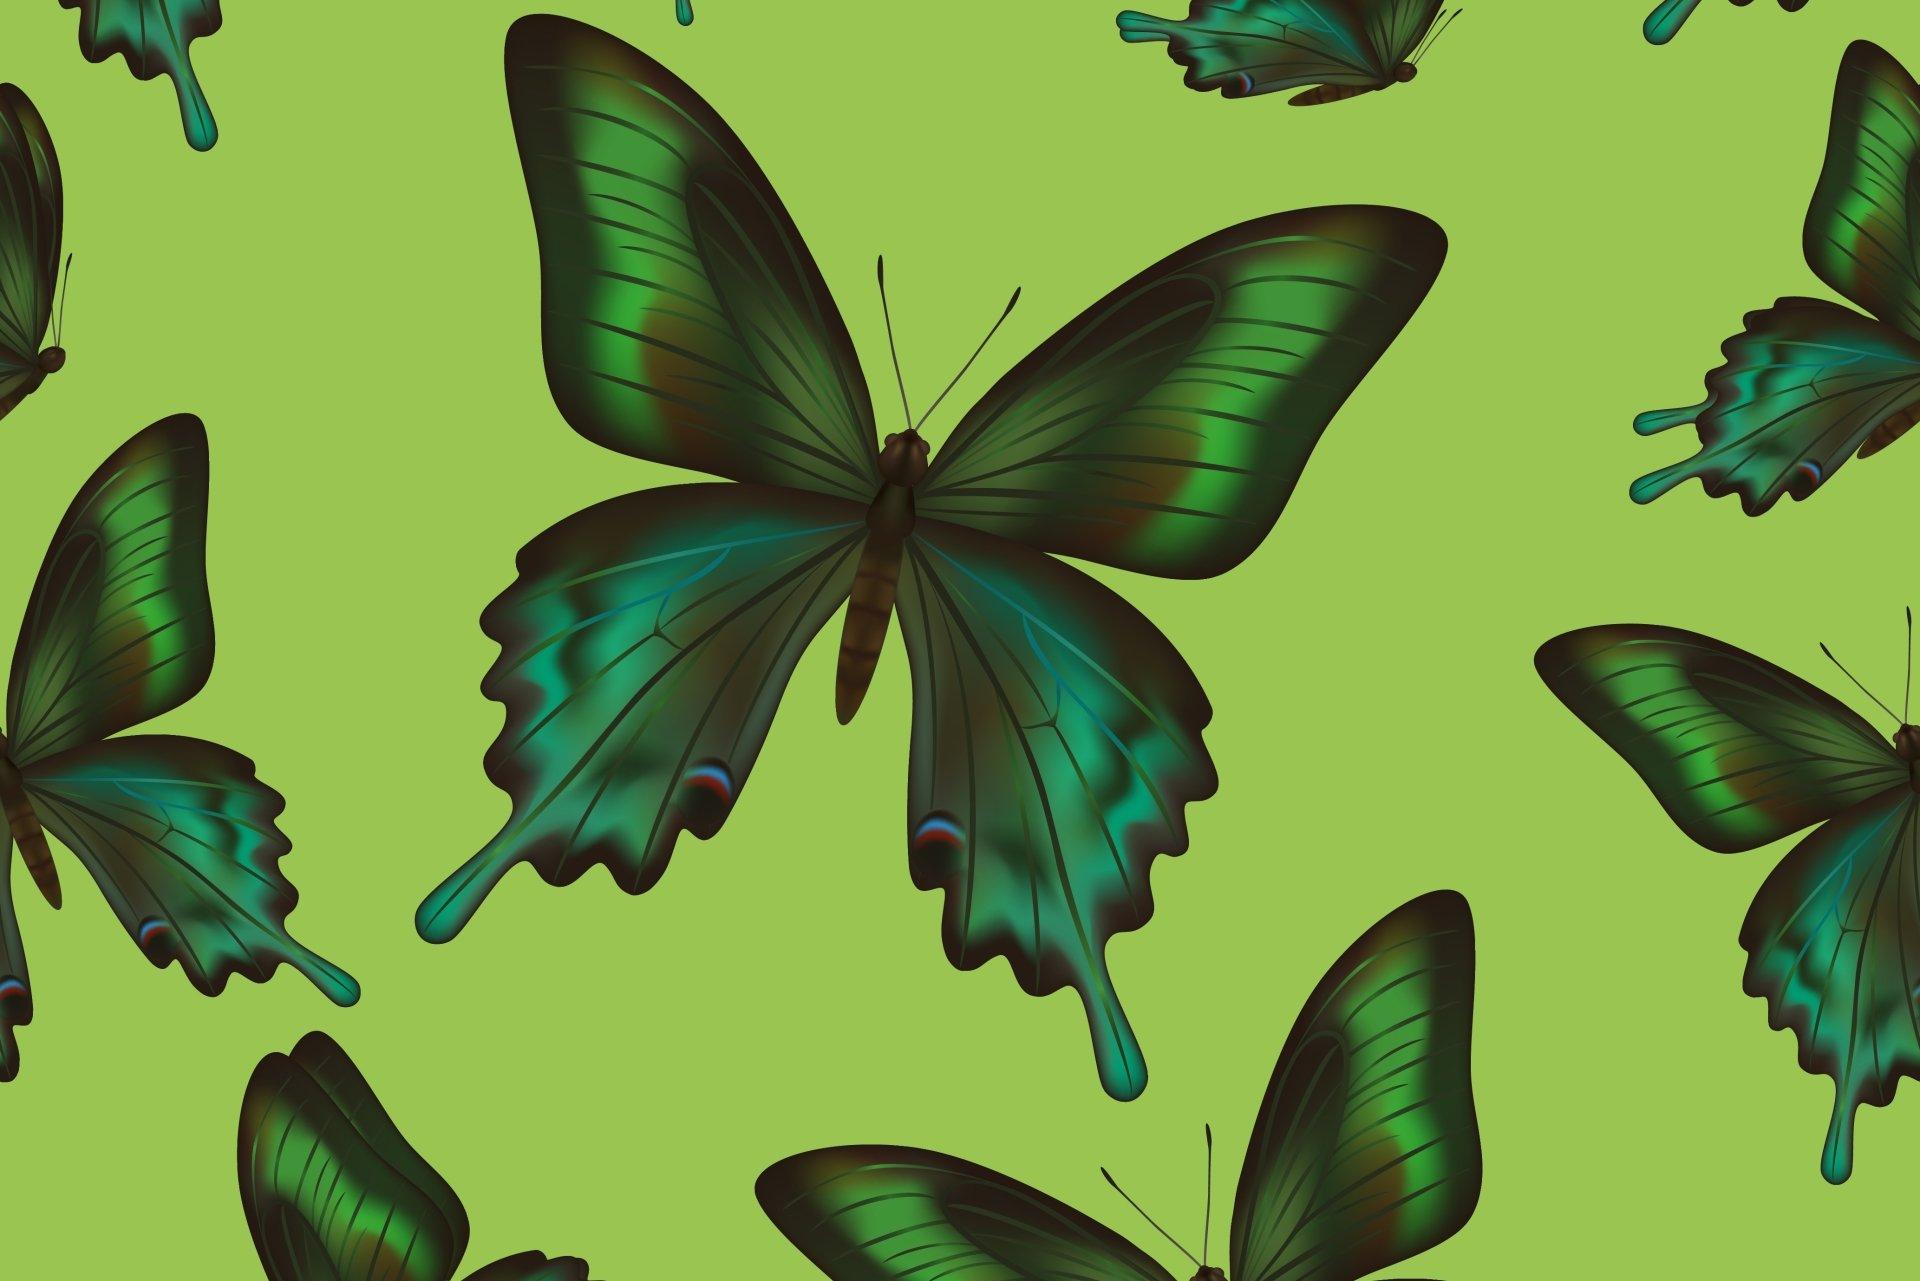 艺术 - 蝴蝶  艺术 绿色 壁纸